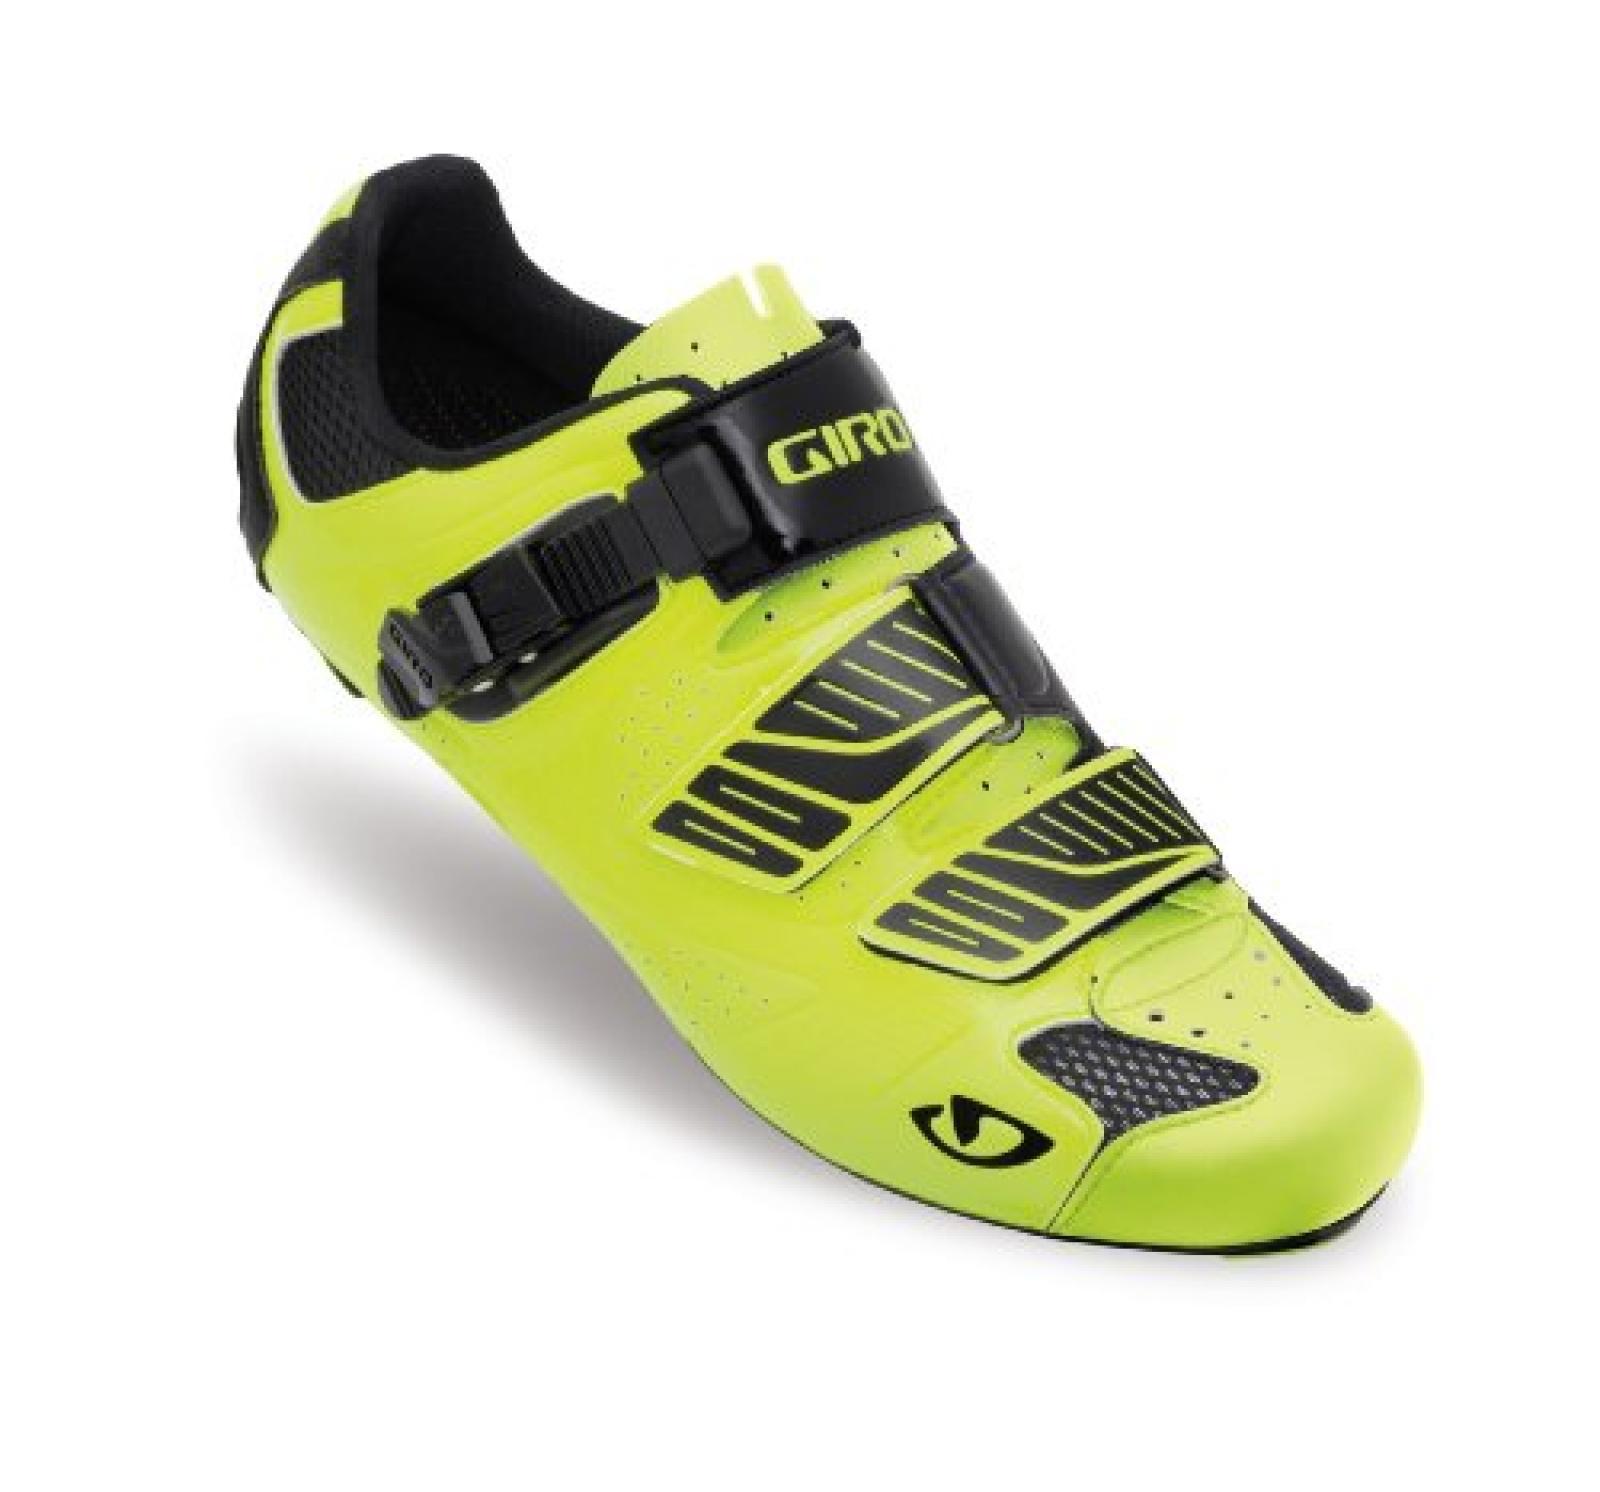 Giro Factor Rennrad Fahrrad Schuhe gelb/schwarz 2013